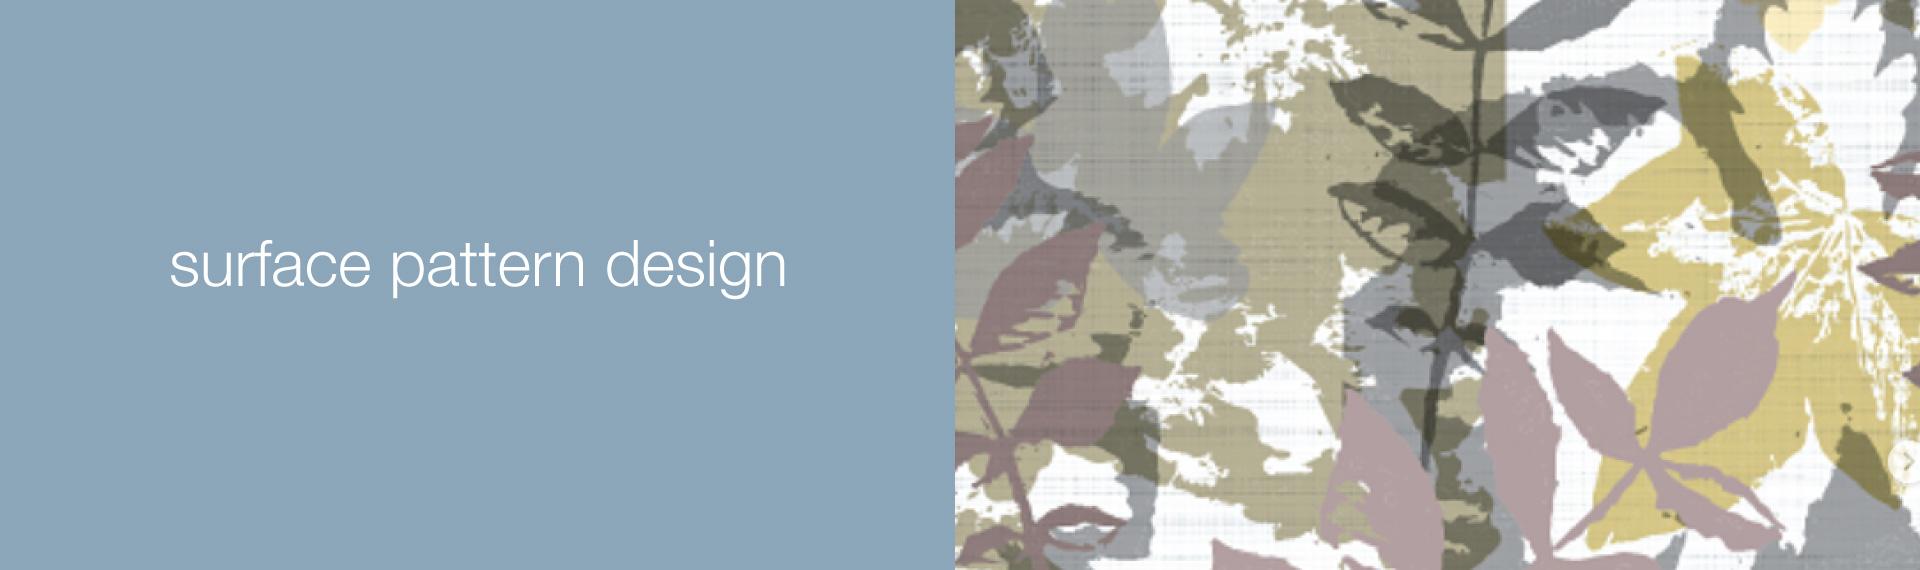 gem-website-page-headder-images-sp4.jpg